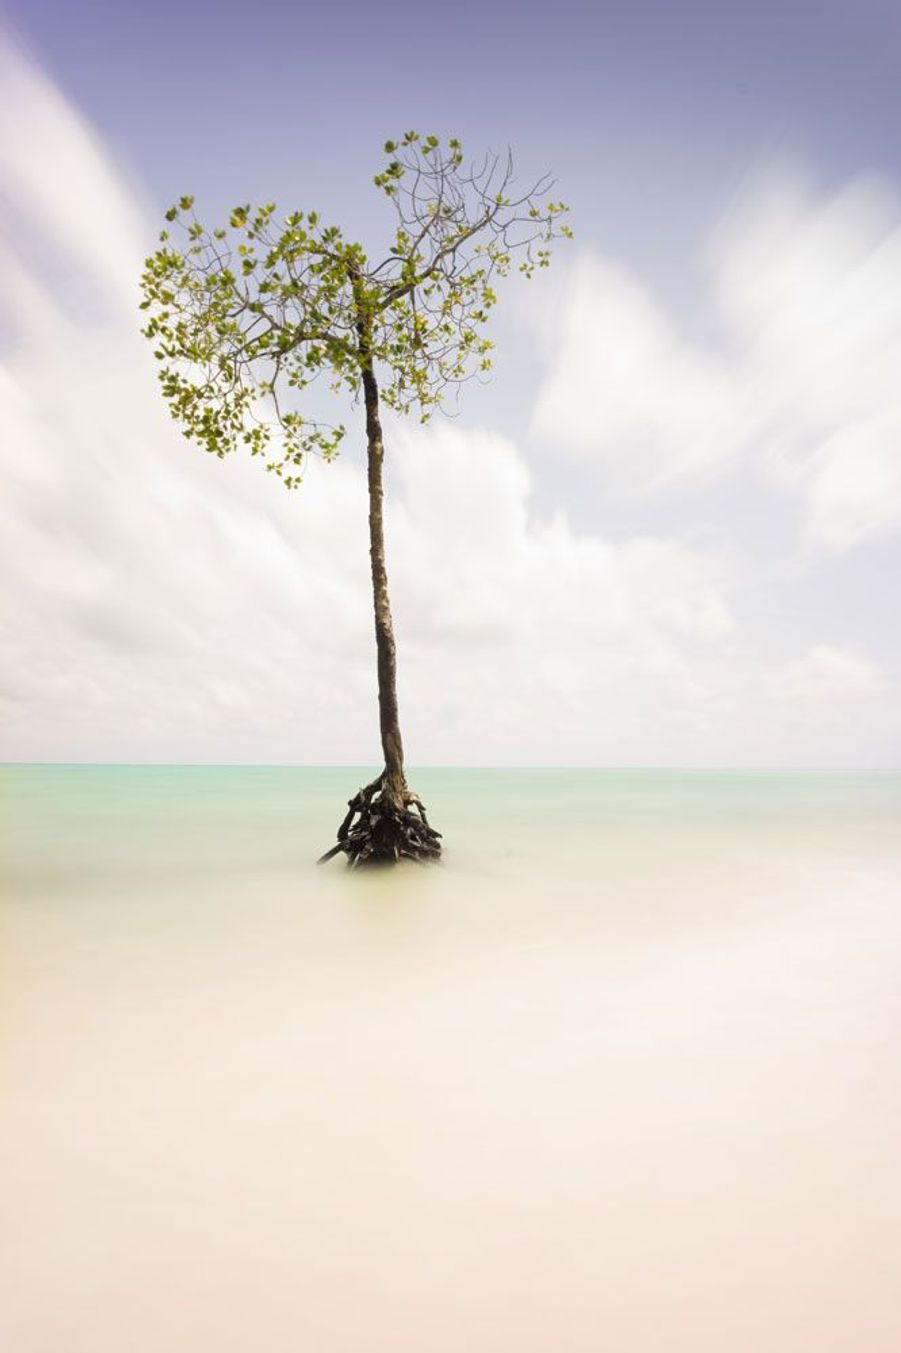 """Jean Dieres Monplaisir: Ce palétuvier solitaire témoigne de la reculée des mangroves avec la violence et le nombre accru de tempêtes tropicales. Cet écosystème fragile est également l'habitat d'une faune endémique indirectement menacée par ces changements climatiques.Chaque semaine, Paris Match sélectionne, sur le web et dans le magazine, vos plus beaux clichés pour la planète dans le cadre de son opération""""Ma Terre en photo"""".Vous aussi envoyez une photo pour la planète surwww.materre.photosParticipez au plus grand album photo de la planète pour l'environnement. Un arbre planté pour chaque photo envoyée !Vos images seront ensuite rassemblées dans un ouvrage qui sera remis à tous les chefs d'Etats et chefs de délégation lors de la Conférence des Nations unies sur le climat (COP21) qui se tiendra à Paris en décembre prochain."""